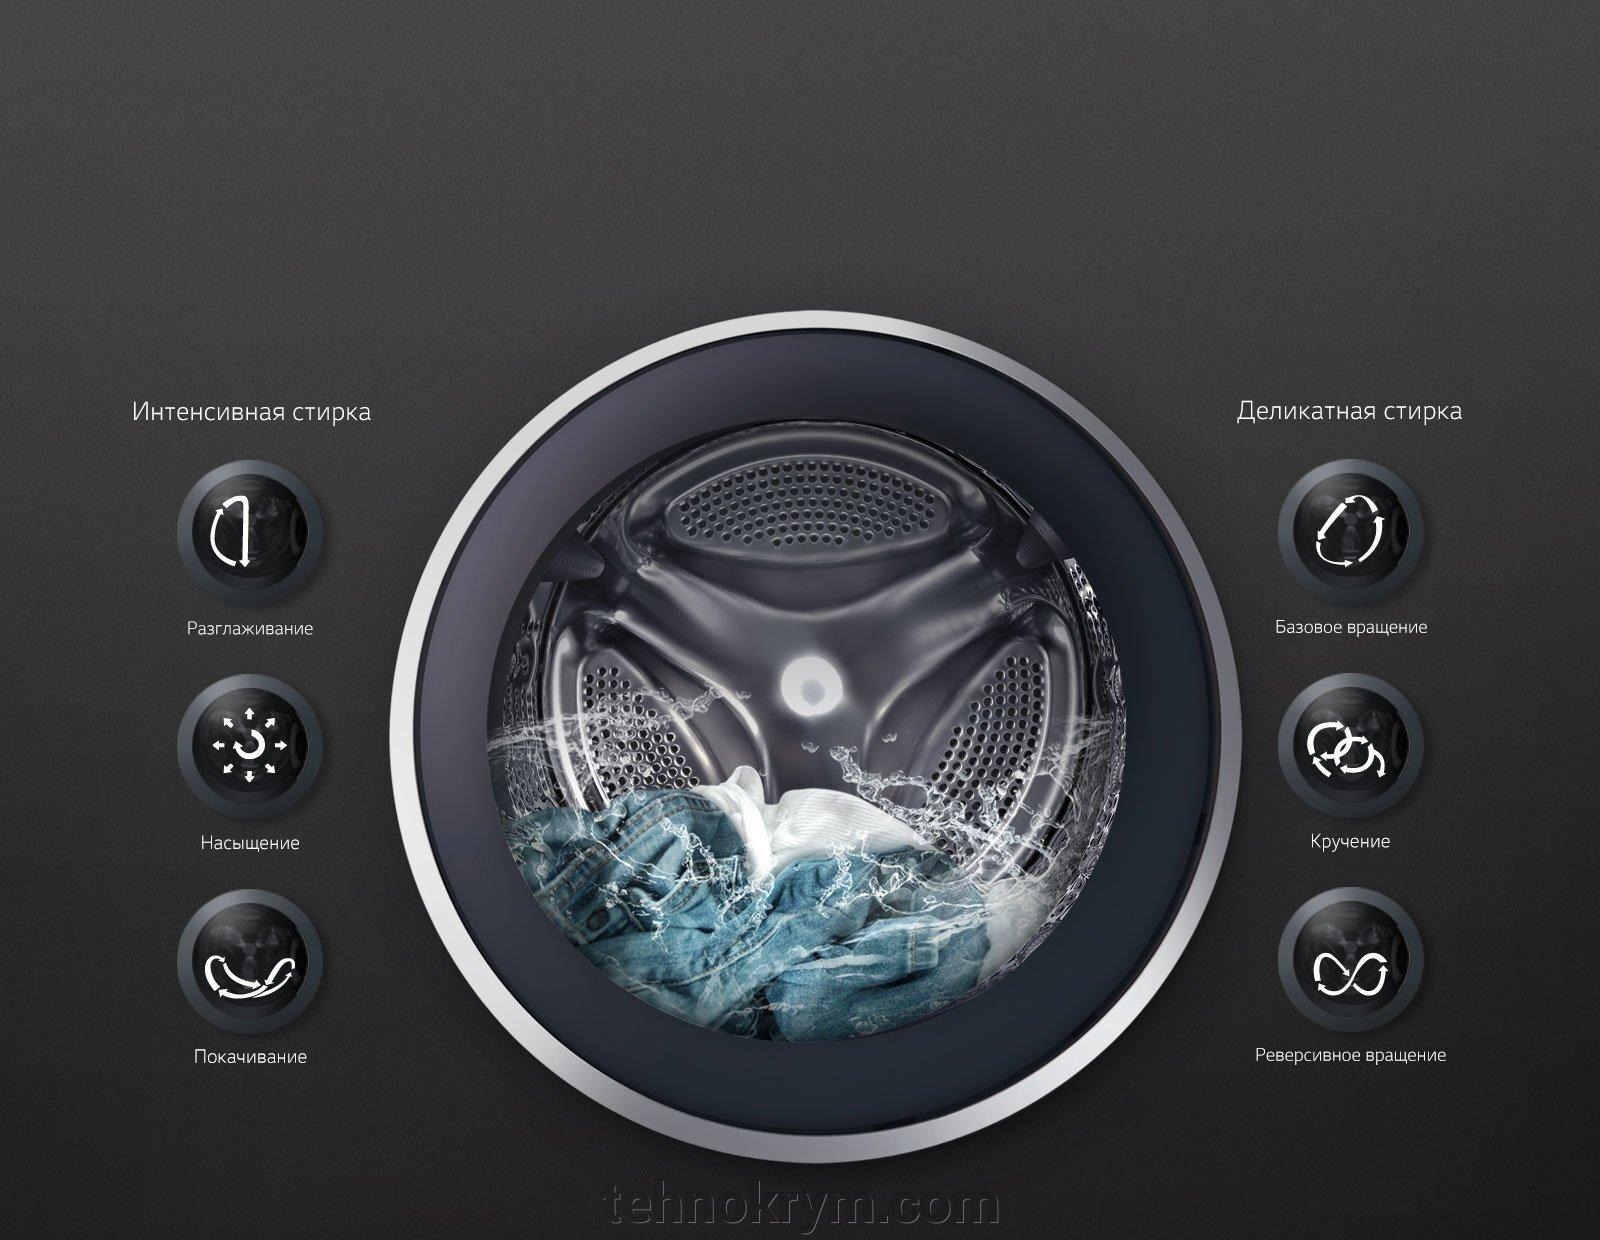 Стиральная машина LG FH2C3WD с прямым приводом и технологией «6 движений заботы», белый - фото Стиральная машина LG FH2C3WD